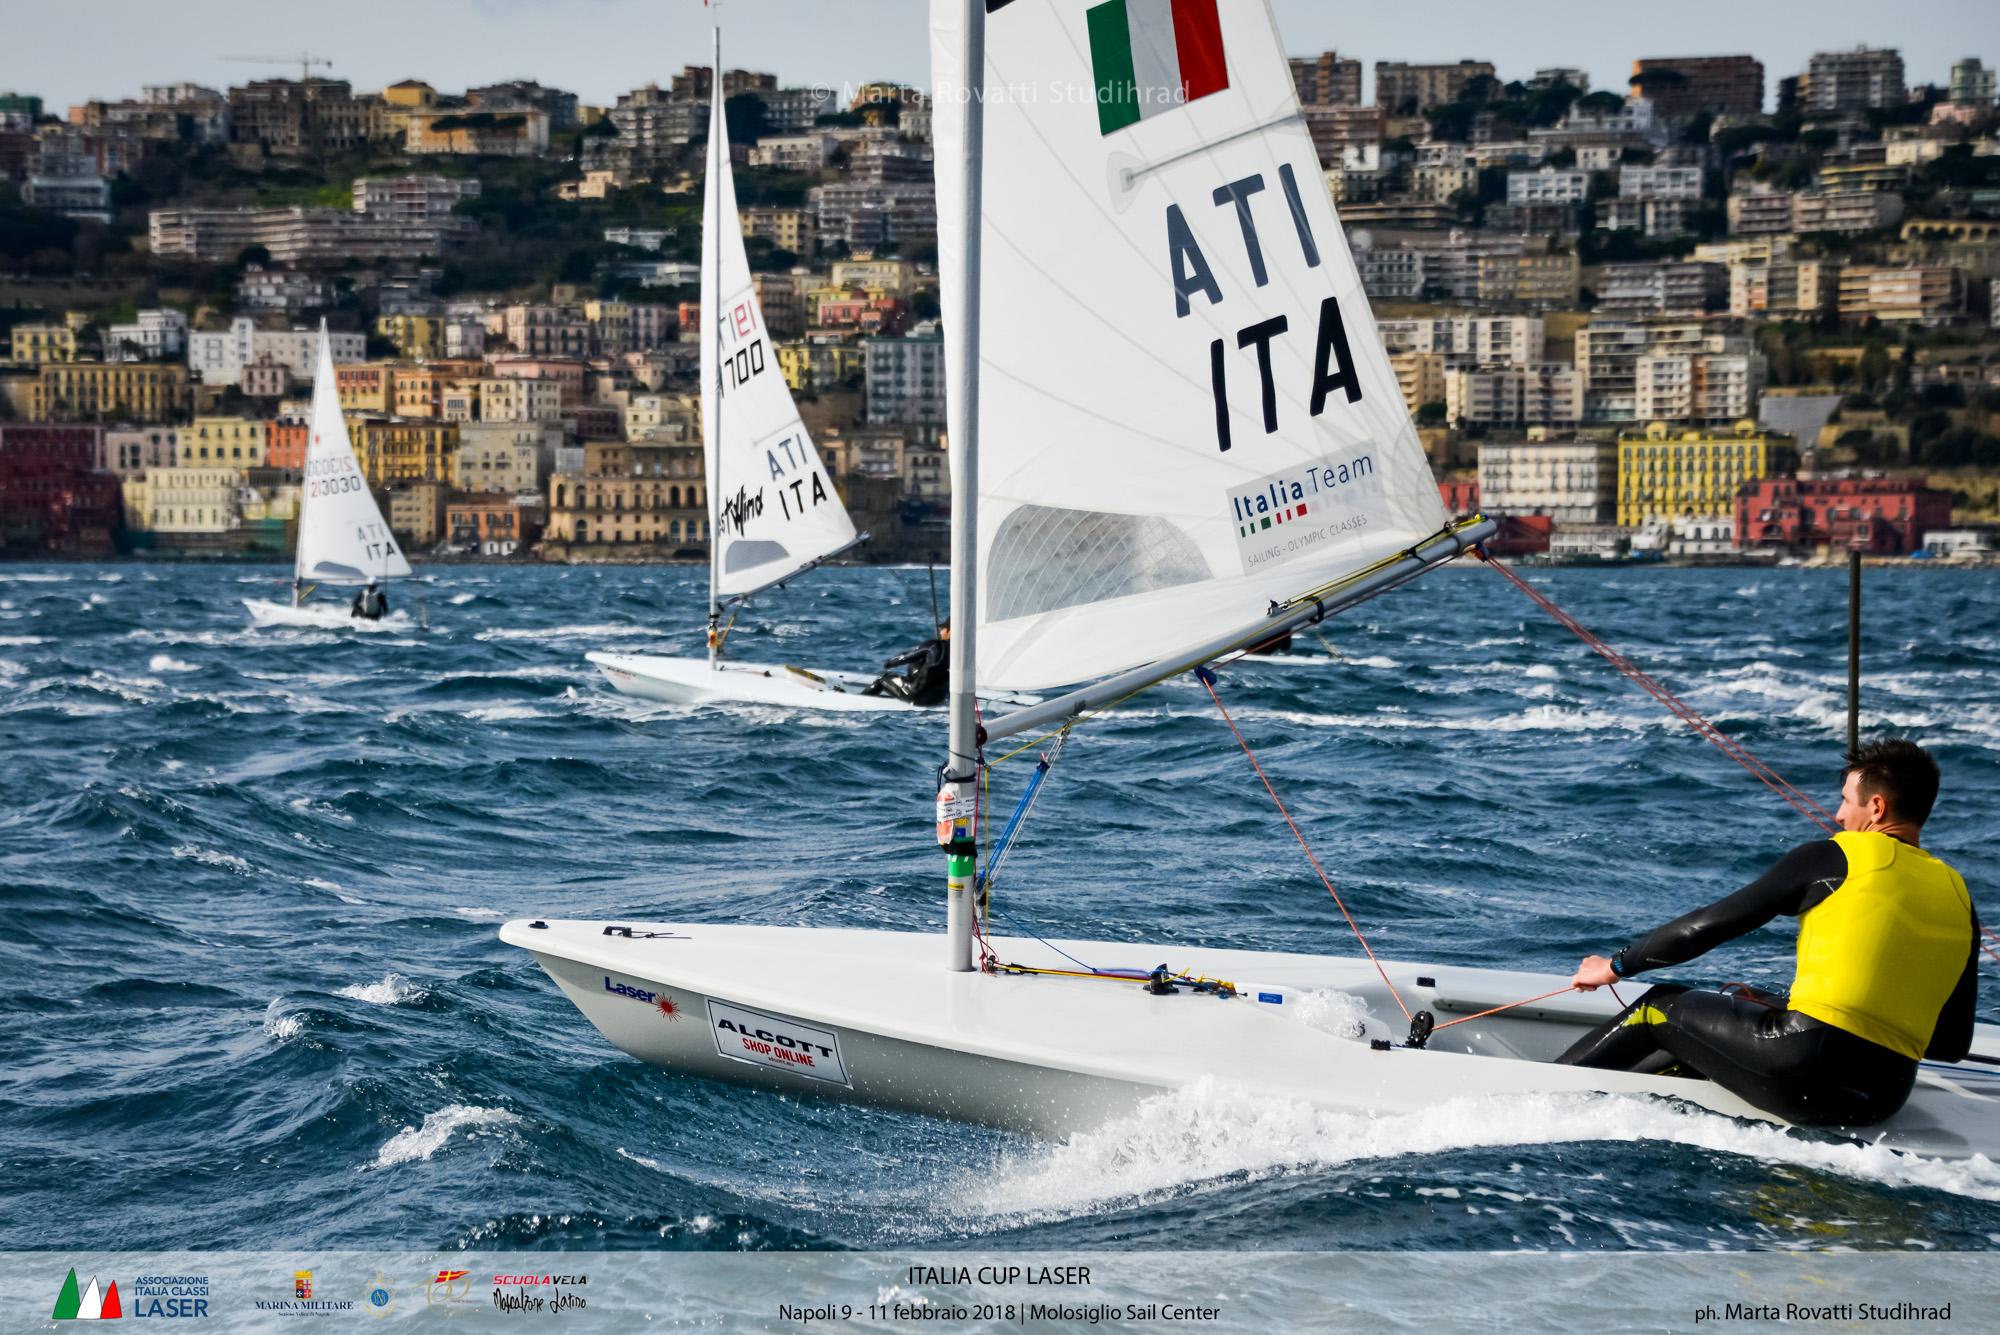 Associazione-Italia-Classi-Laser-2018-NapoliMGR_2151